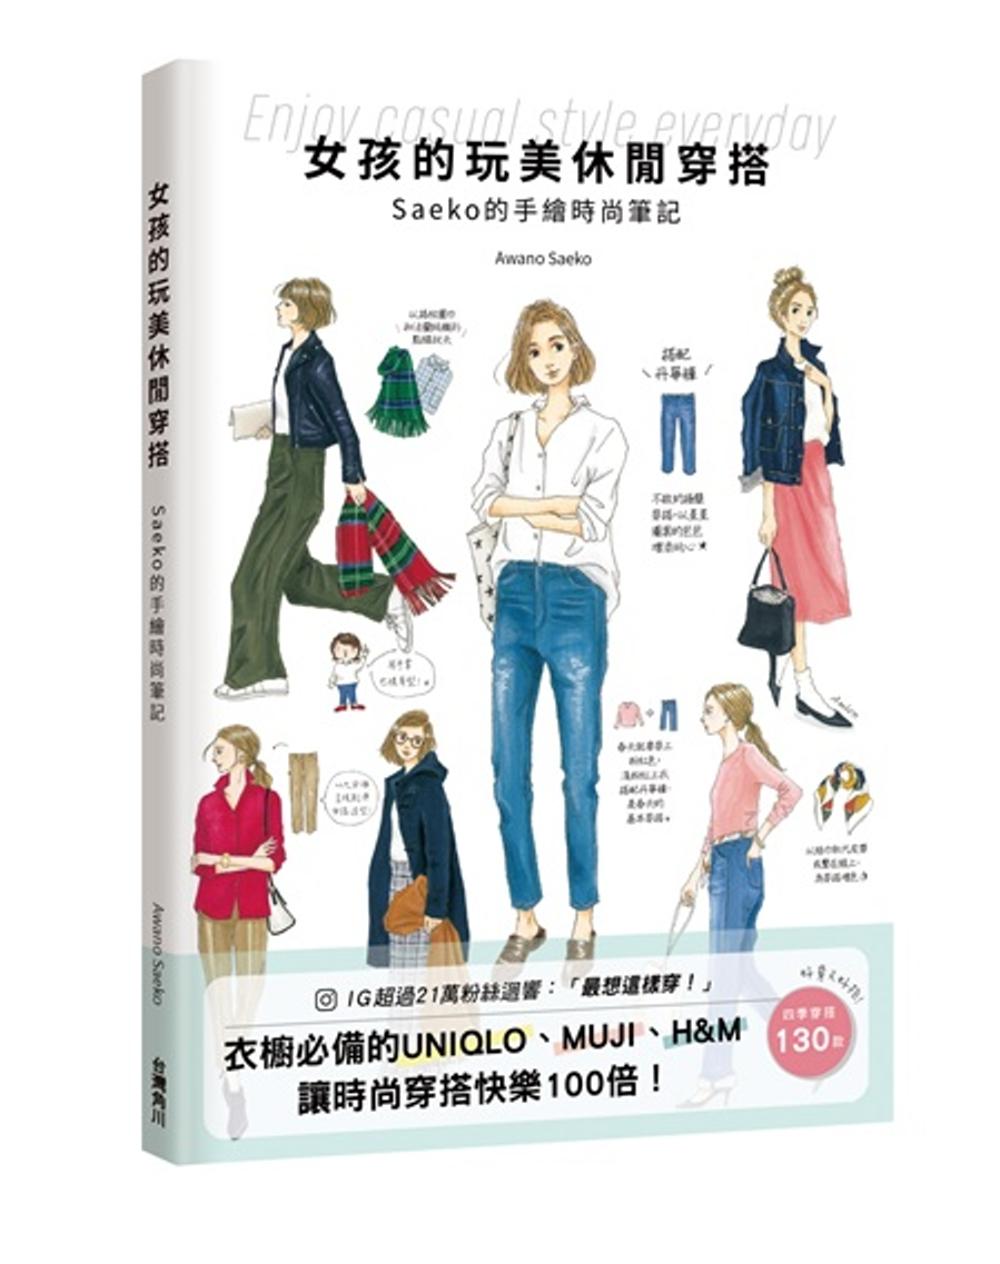 ◤博客來BOOKS◢ 暢銷書榜《推薦》女孩的玩美休閒穿搭 Saeko的手繪時尚筆記